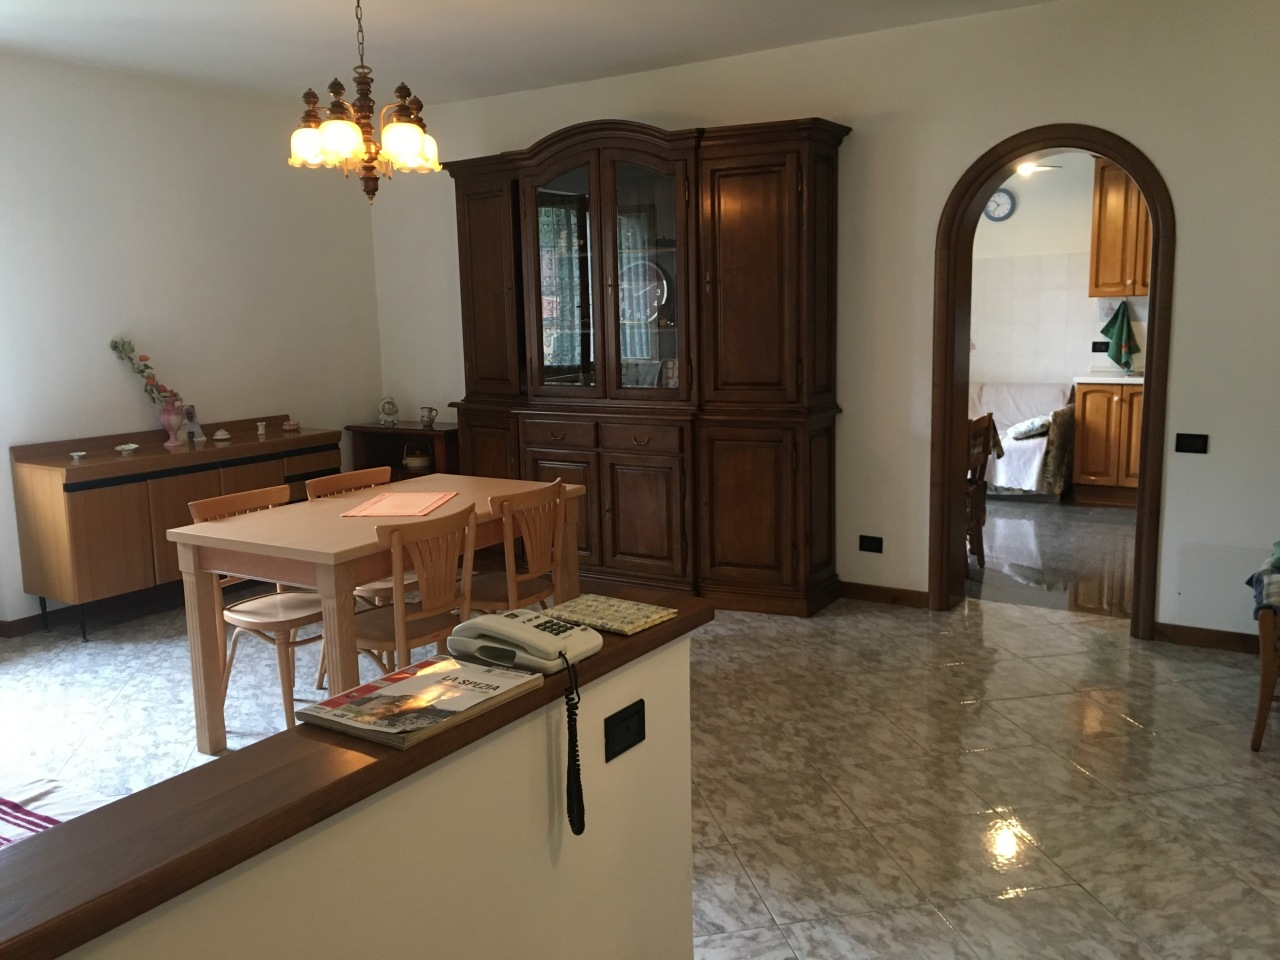 Soluzione Indipendente in affitto a Riccò del Golfo di Spezia, 4 locali, prezzo € 530   PortaleAgenzieImmobiliari.it